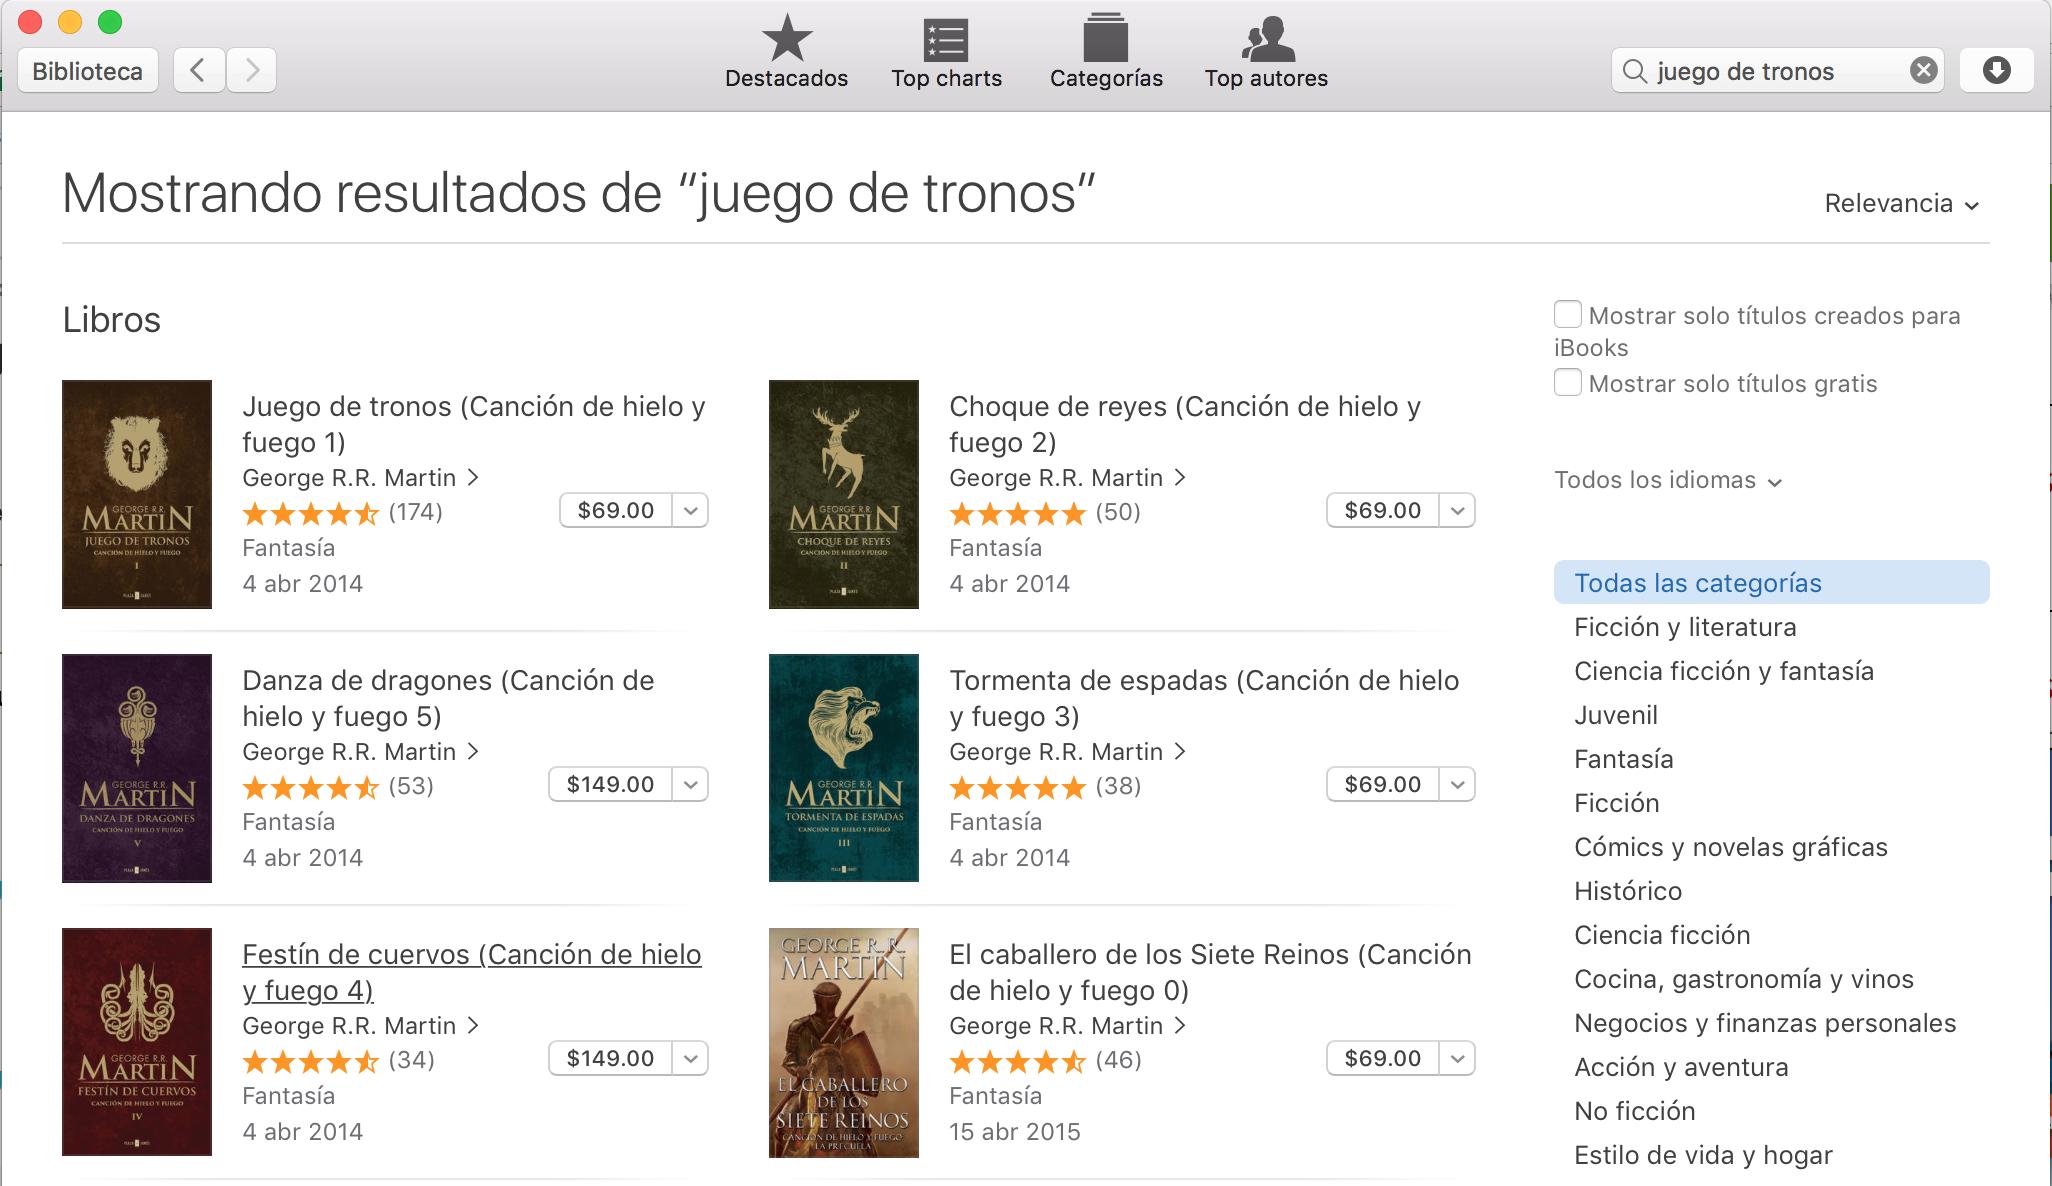 App Store: (iBook, iTunes) Juego de Tronos Libros Canción de Hielo y fuego 0, 1, 2 & 3